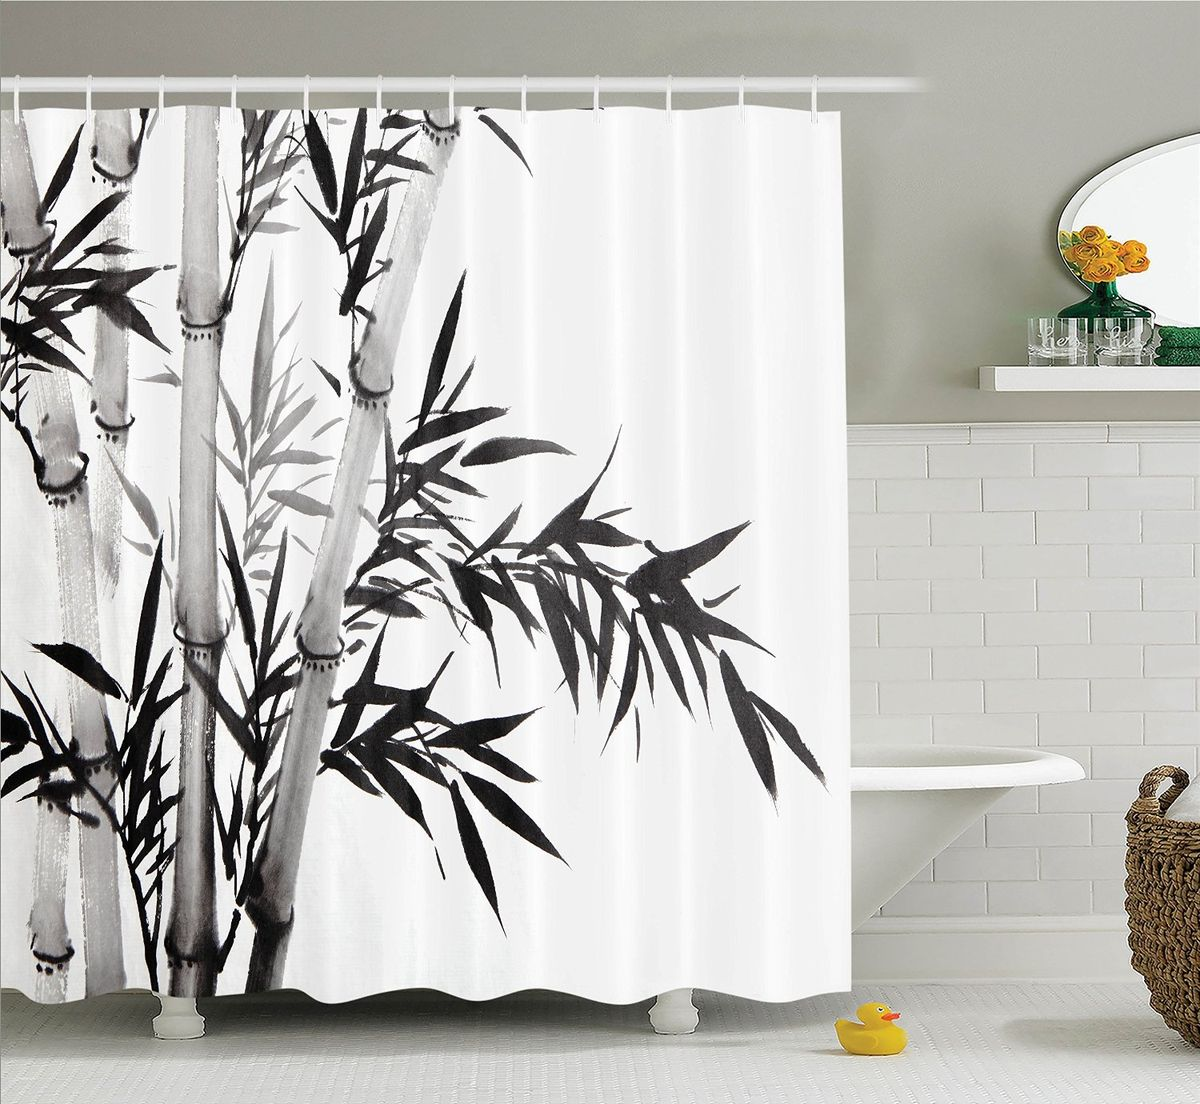 Штора для ванной комнаты Magic Lady Стебли и листья бамбука, 180 х 200 смшв_12217Штора Magic Lady Стебли и листья бамбука, изготовленная из высококачественного сатена (полиэстер 100%), отлично дополнит любой интерьер ванной комнаты. При изготовлении используются специальные гипоаллергенные чернила для прямой печати по ткани, безопасные для человека.В комплекте: 1 штора, 12 крючков. Обращаем ваше внимание, фактический цвет изделия может незначительно отличаться от представленного на фото.